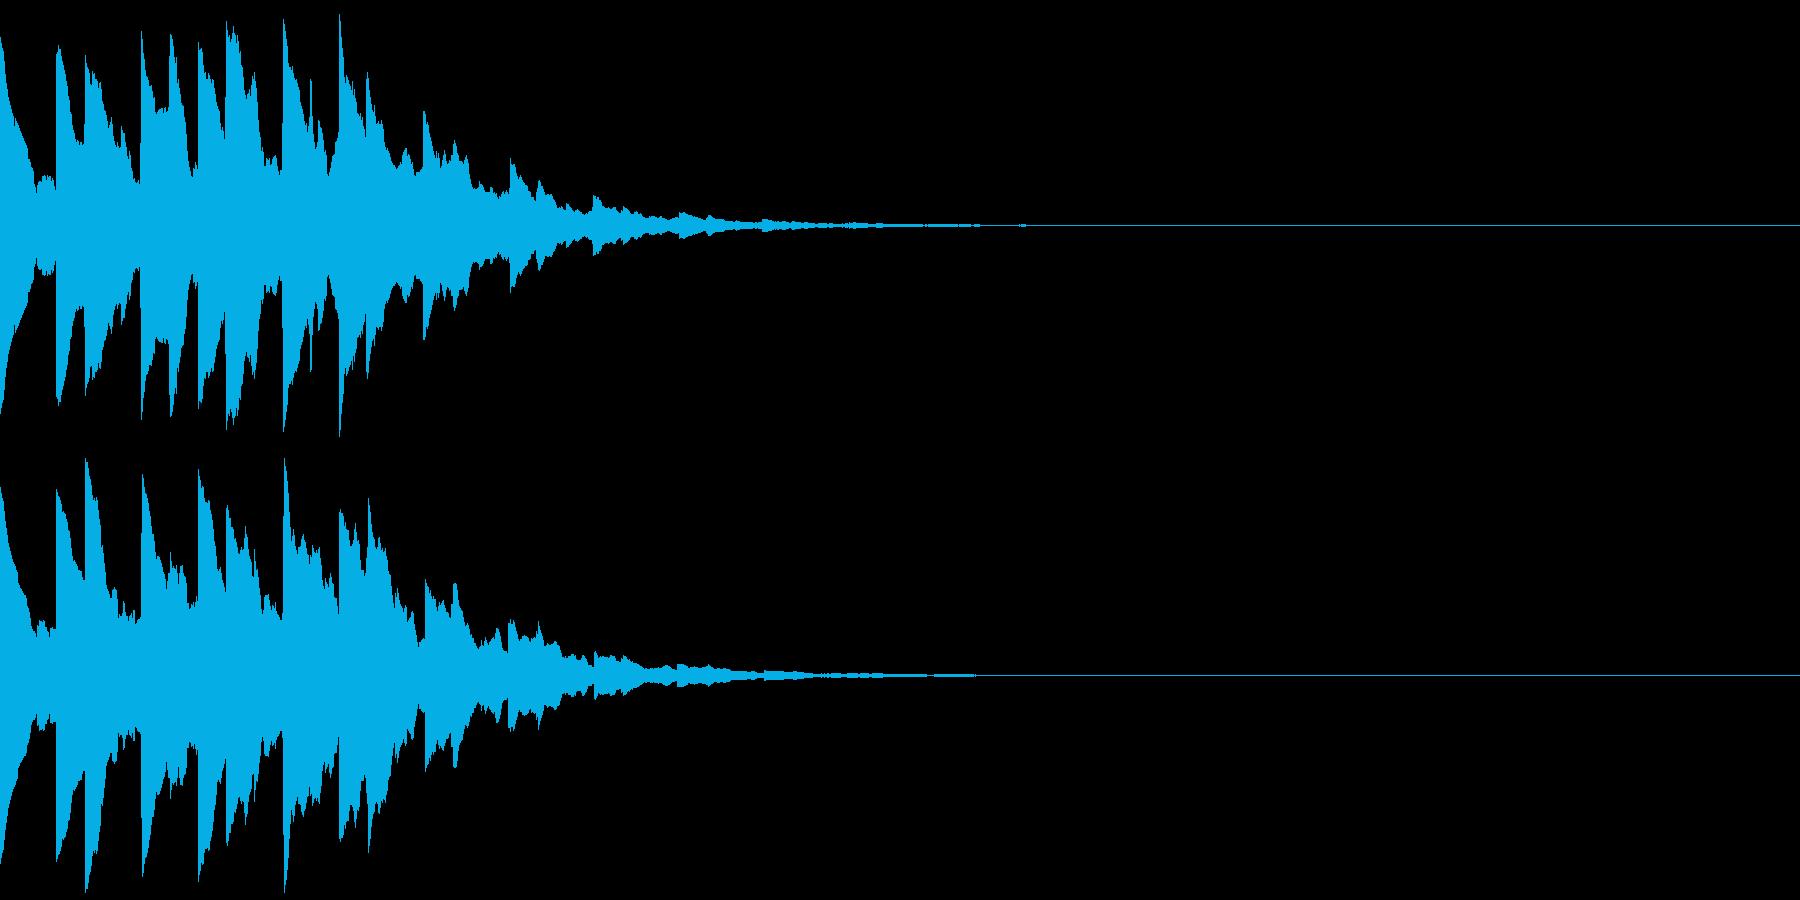 ベルのゲームクリア音、レベルアップ音の再生済みの波形